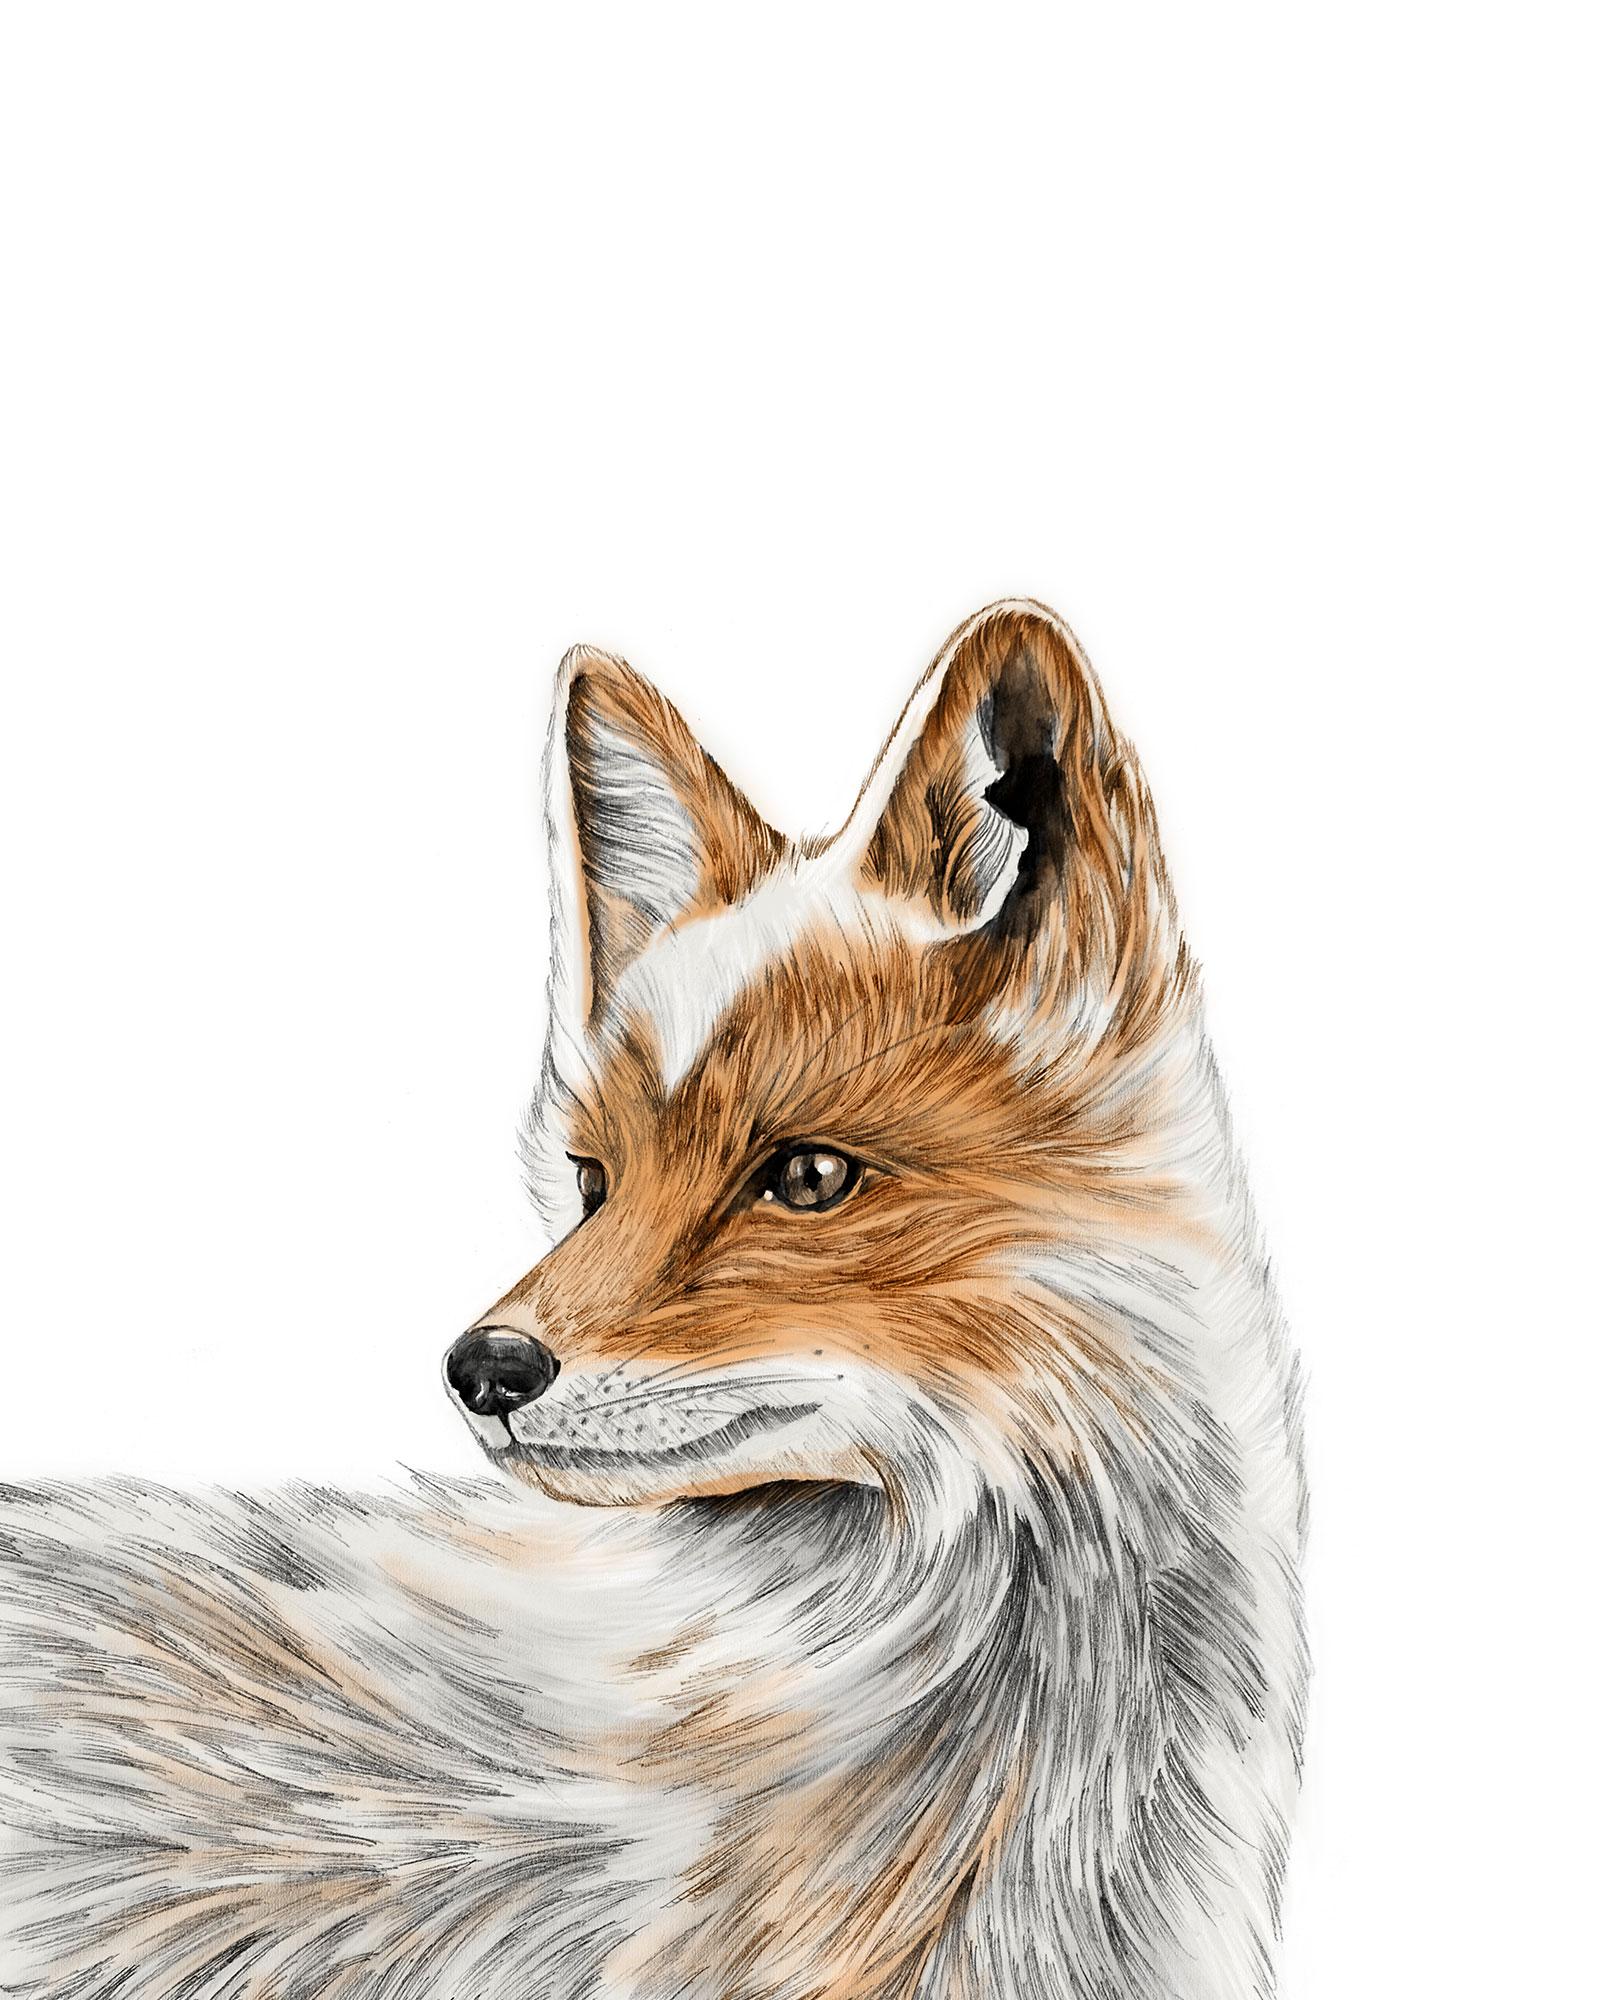 foxprintportrait8x10